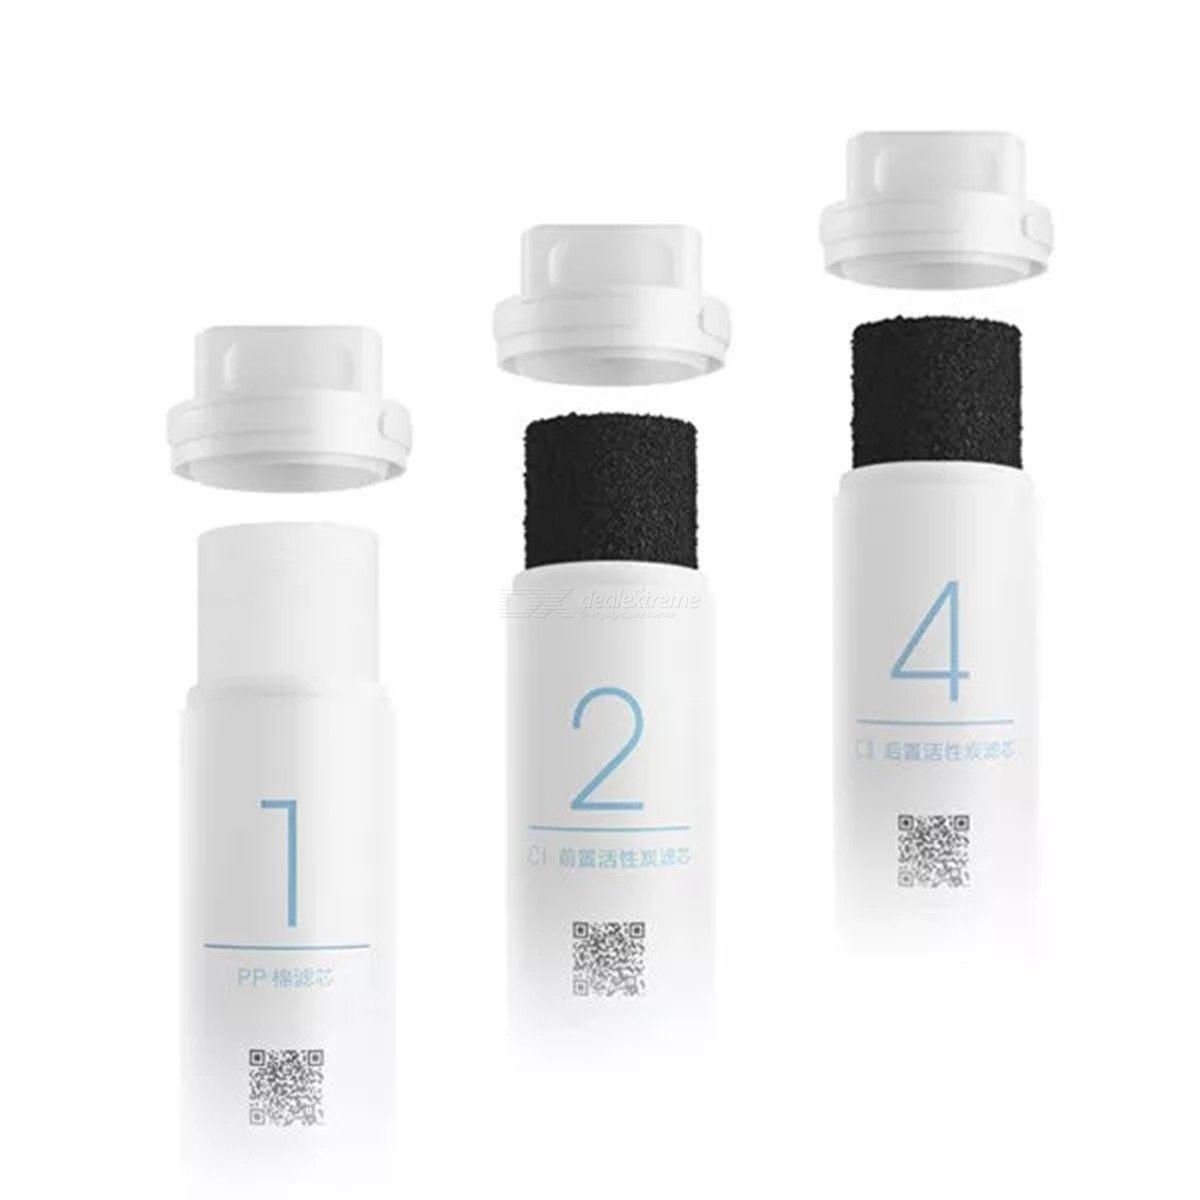 Filtre À Eau Charbon Actif Filtre Purificateur D'eau Coton Remplacement De PP Cartouches Pour Jet D'eau Xiaomi De Mijia